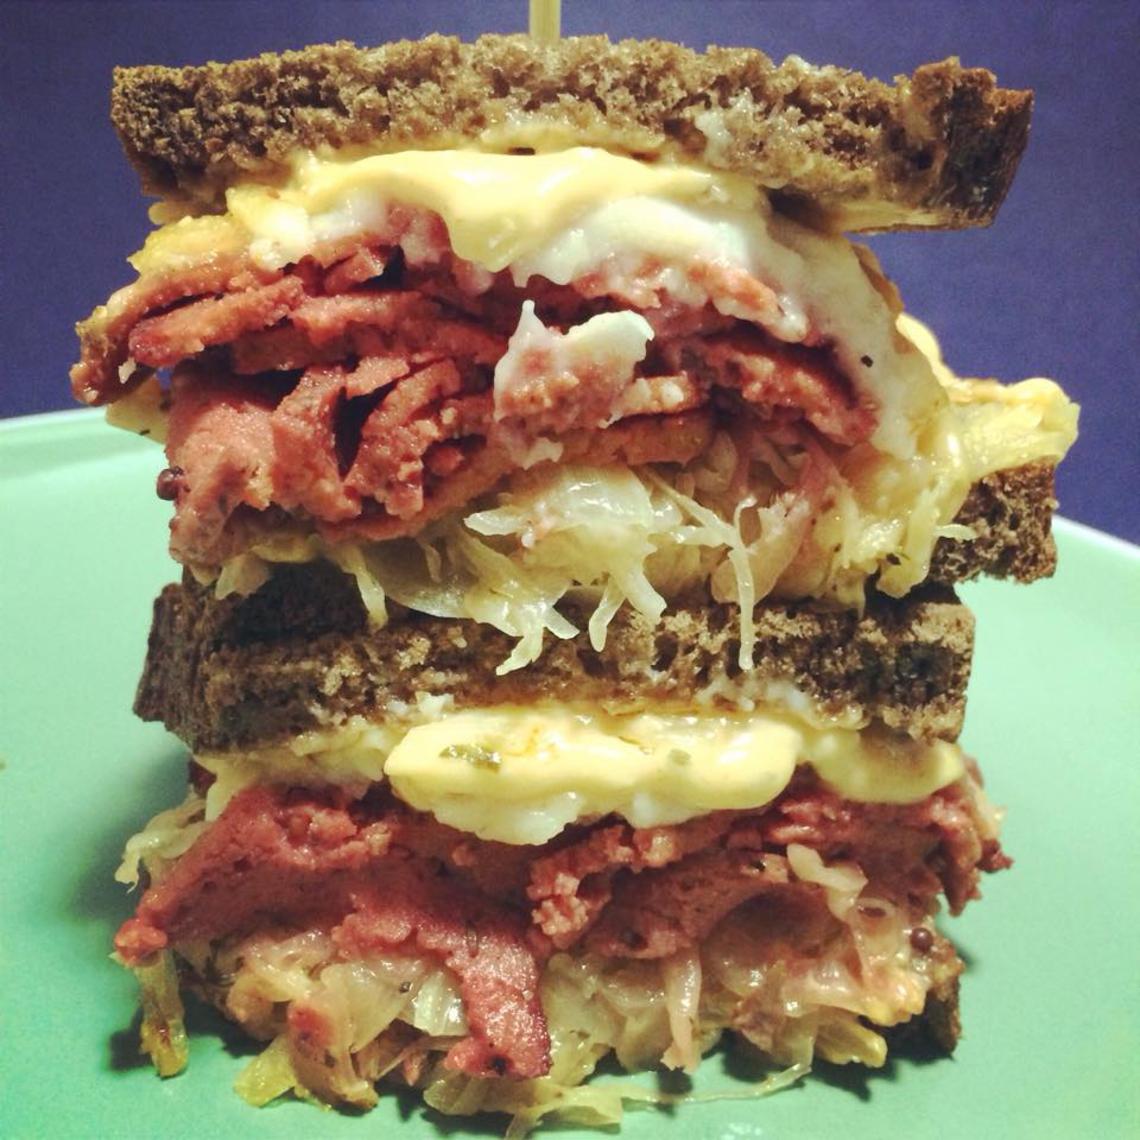 Le fameux sandwich vegan Reubenstein